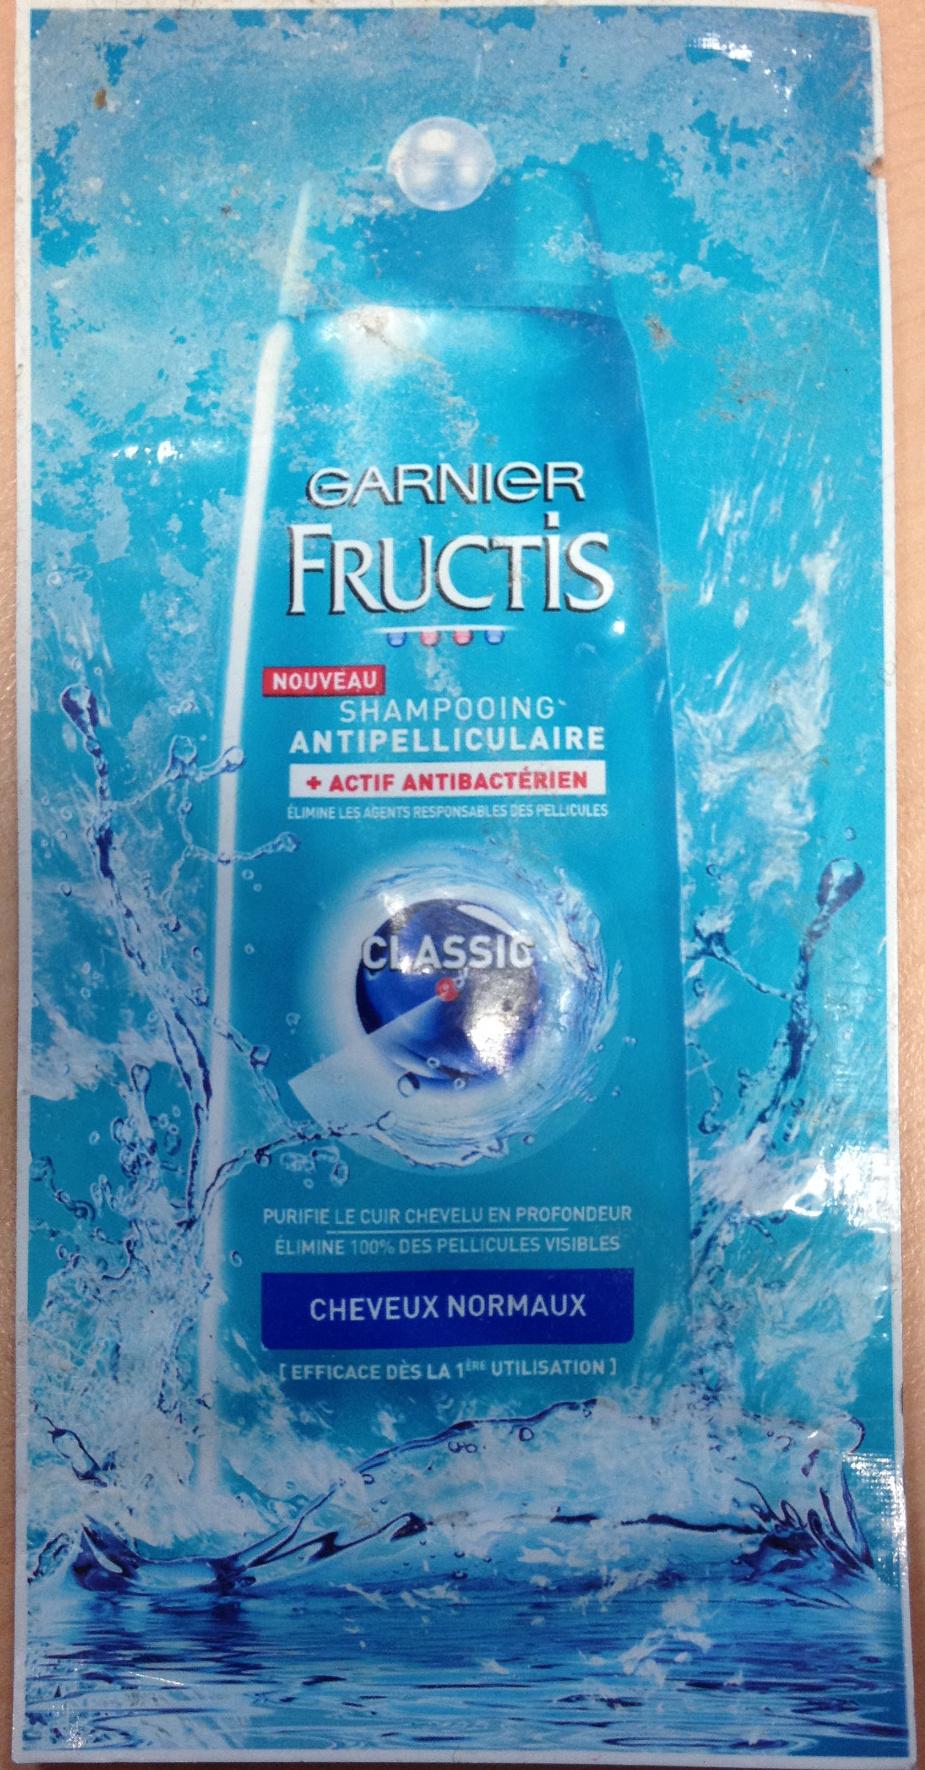 Fructis Classic - Produit